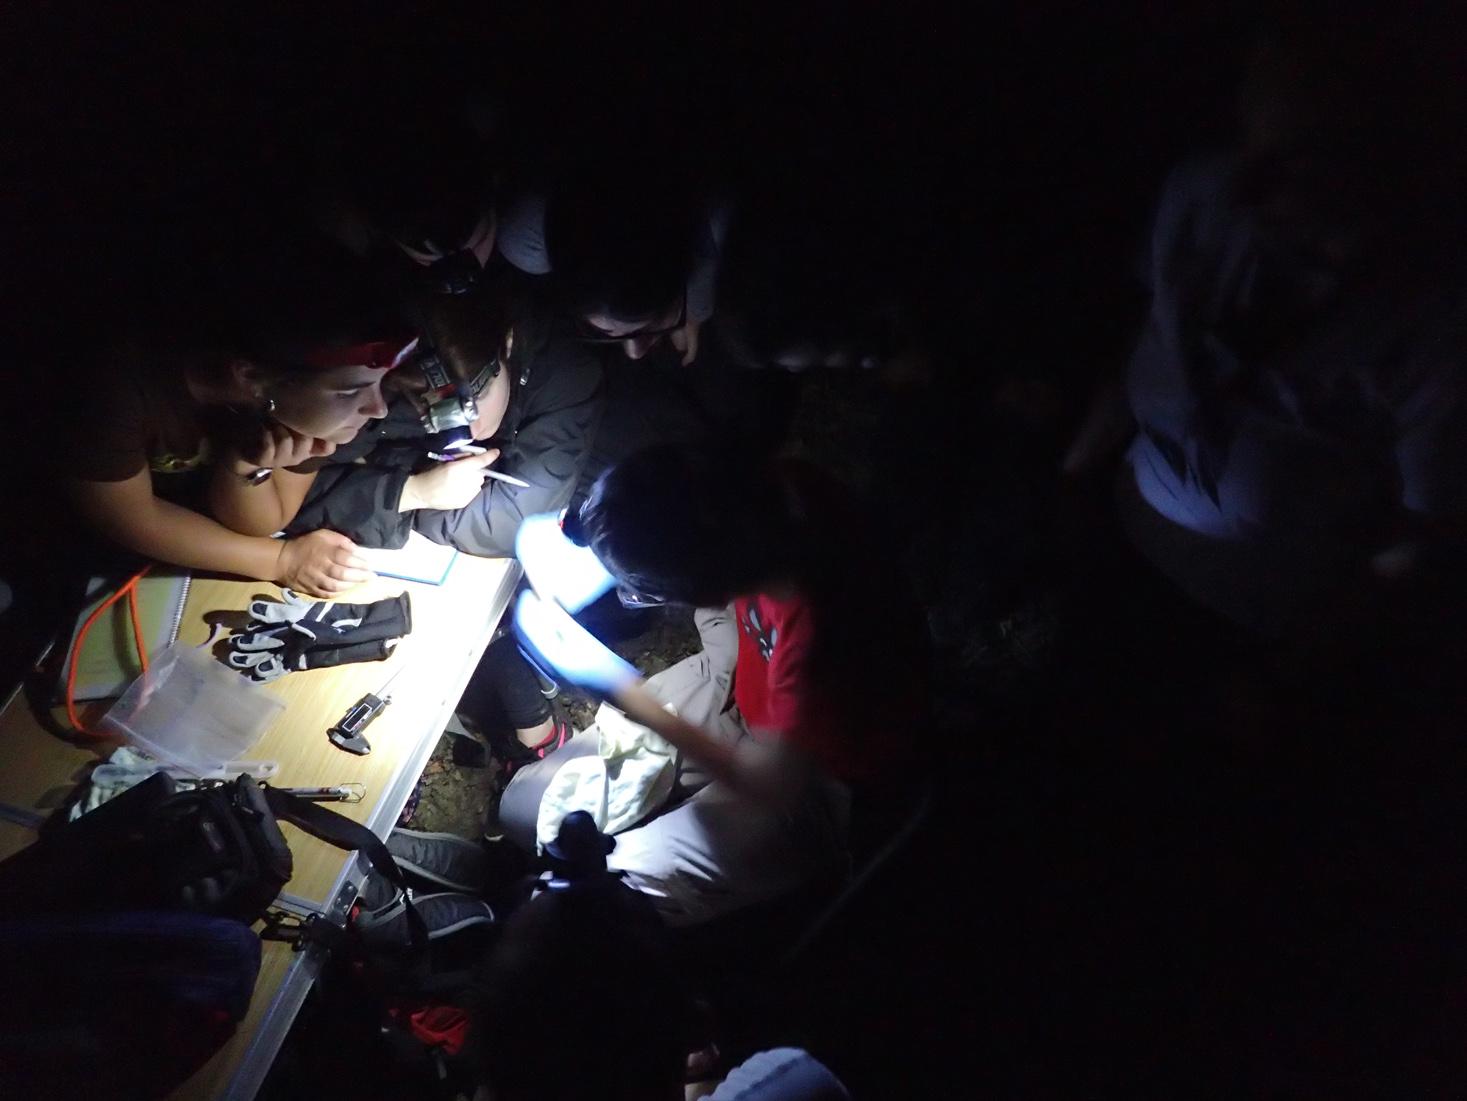 traballo nocturno, insuaCAMP2019